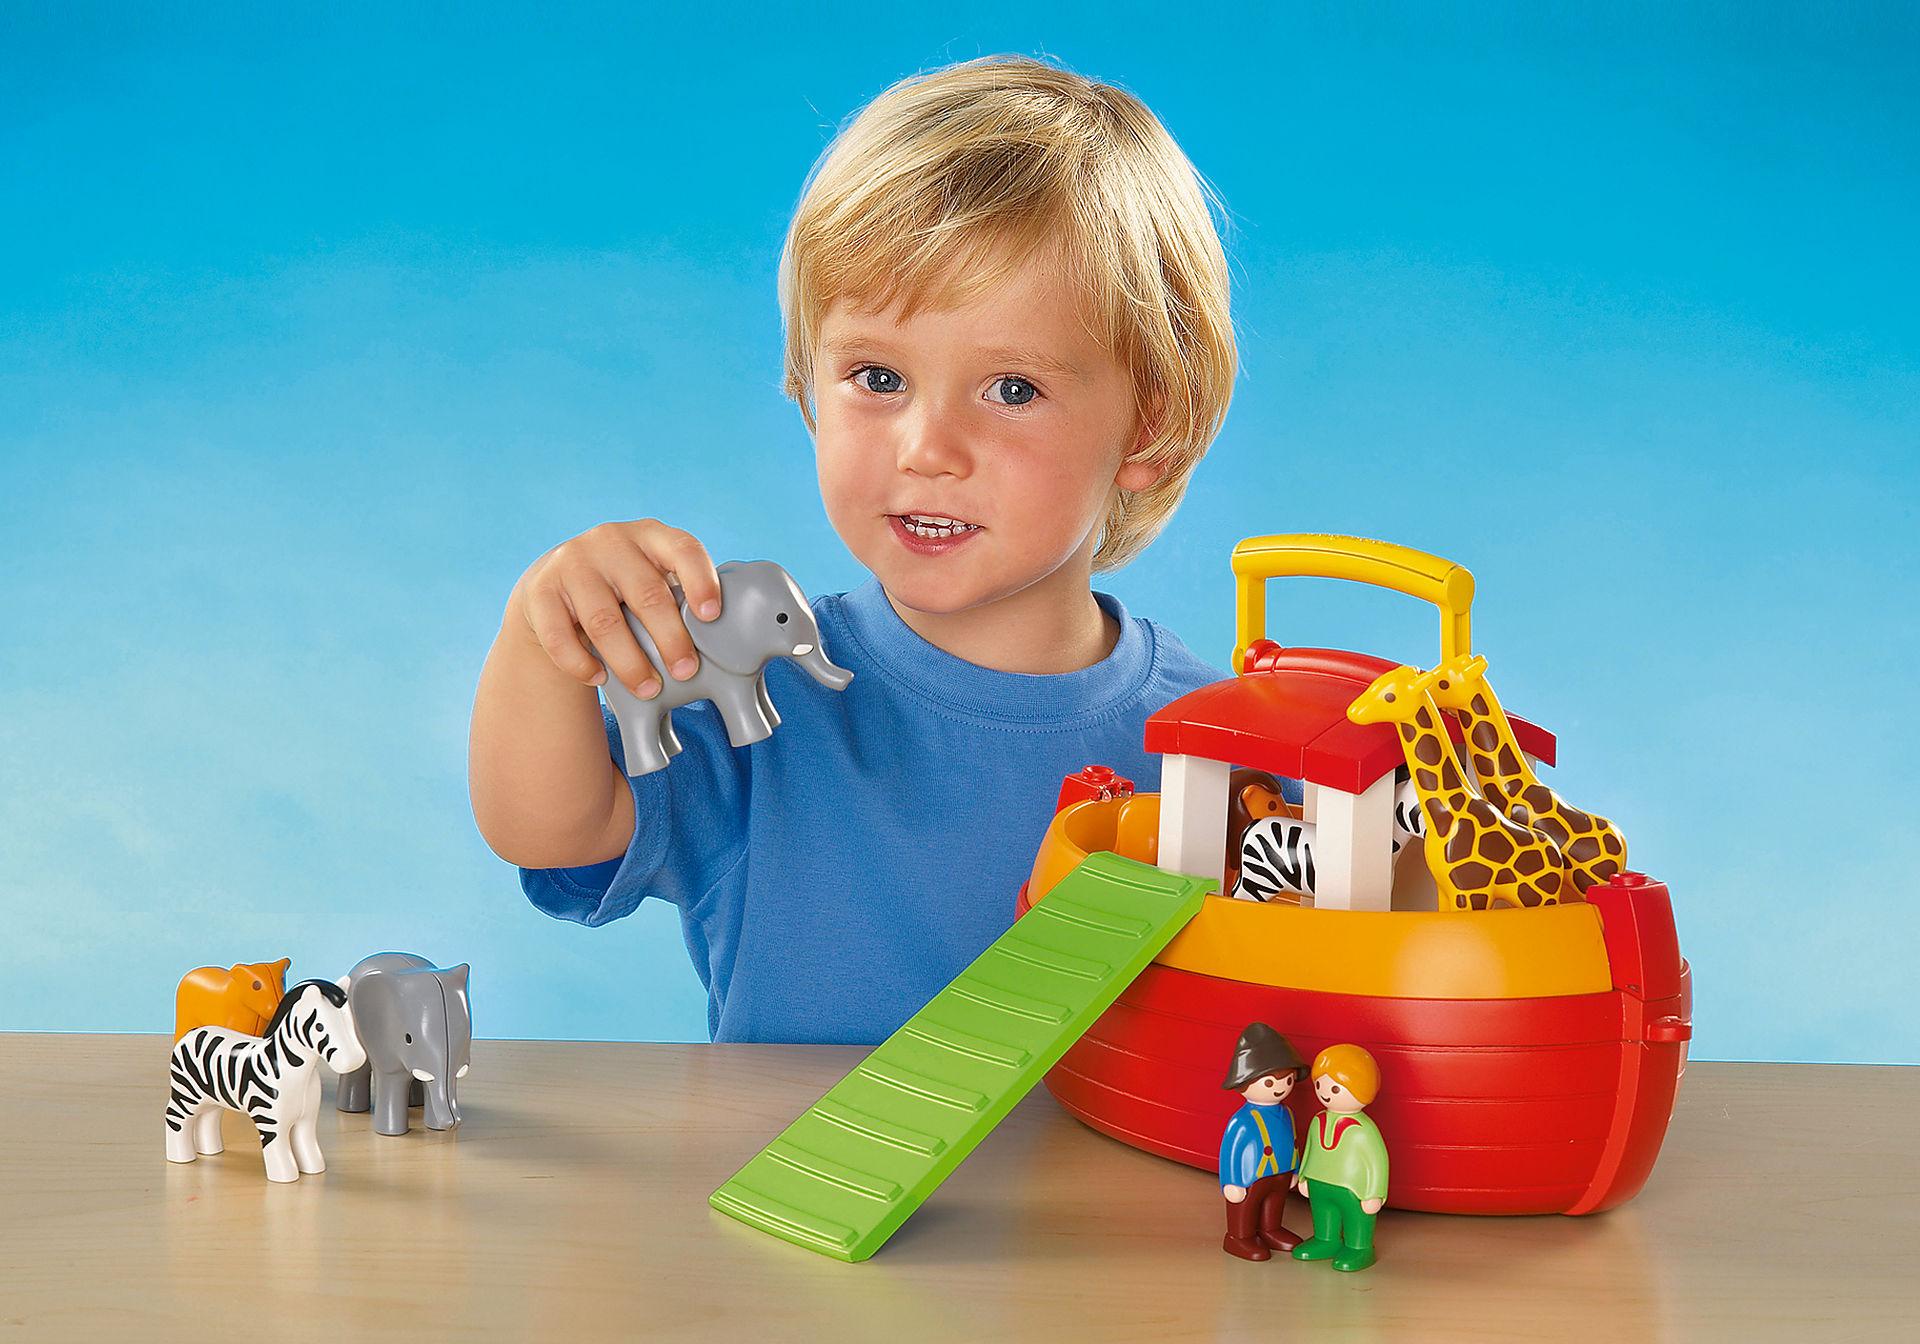 http://media.playmobil.com/i/playmobil/6765_product_extra1/1.2.3 Arca de Noé Maletín